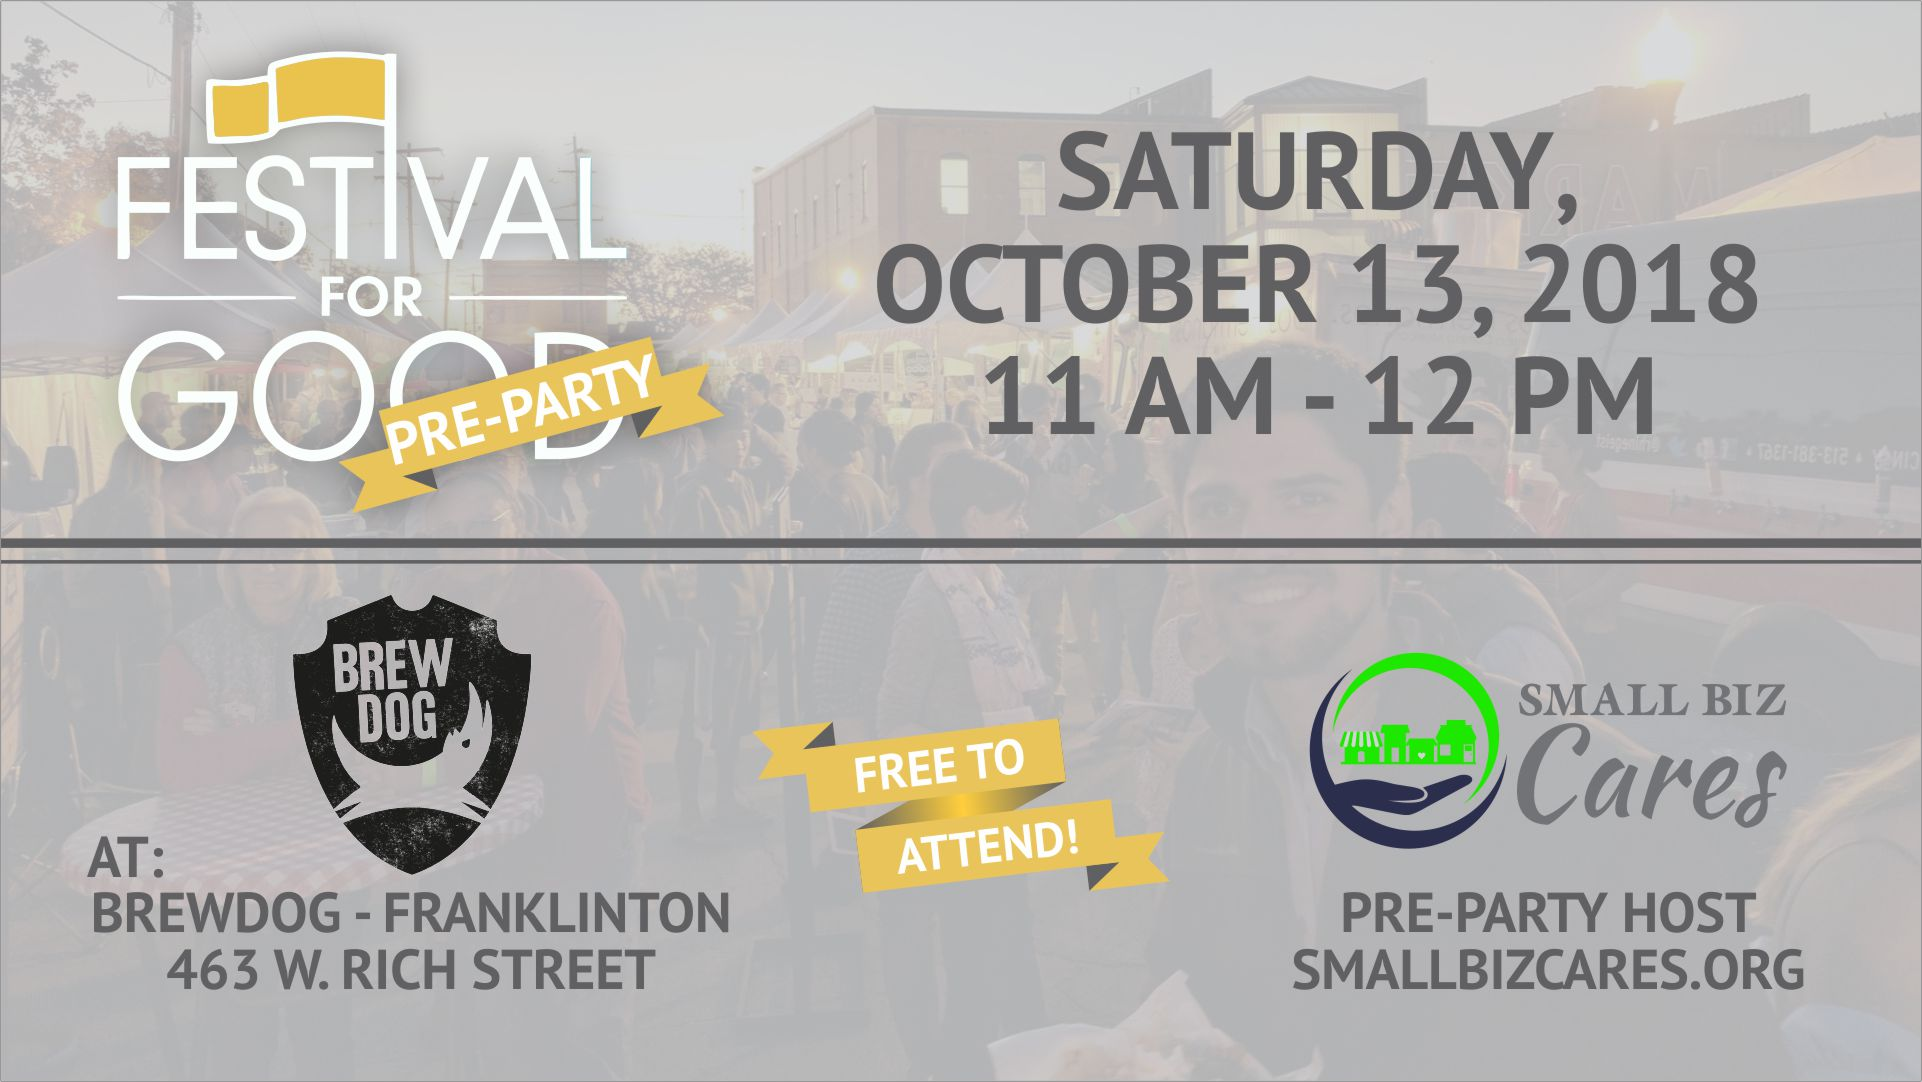 Small Biz Cares Columbus Ohio Event Party